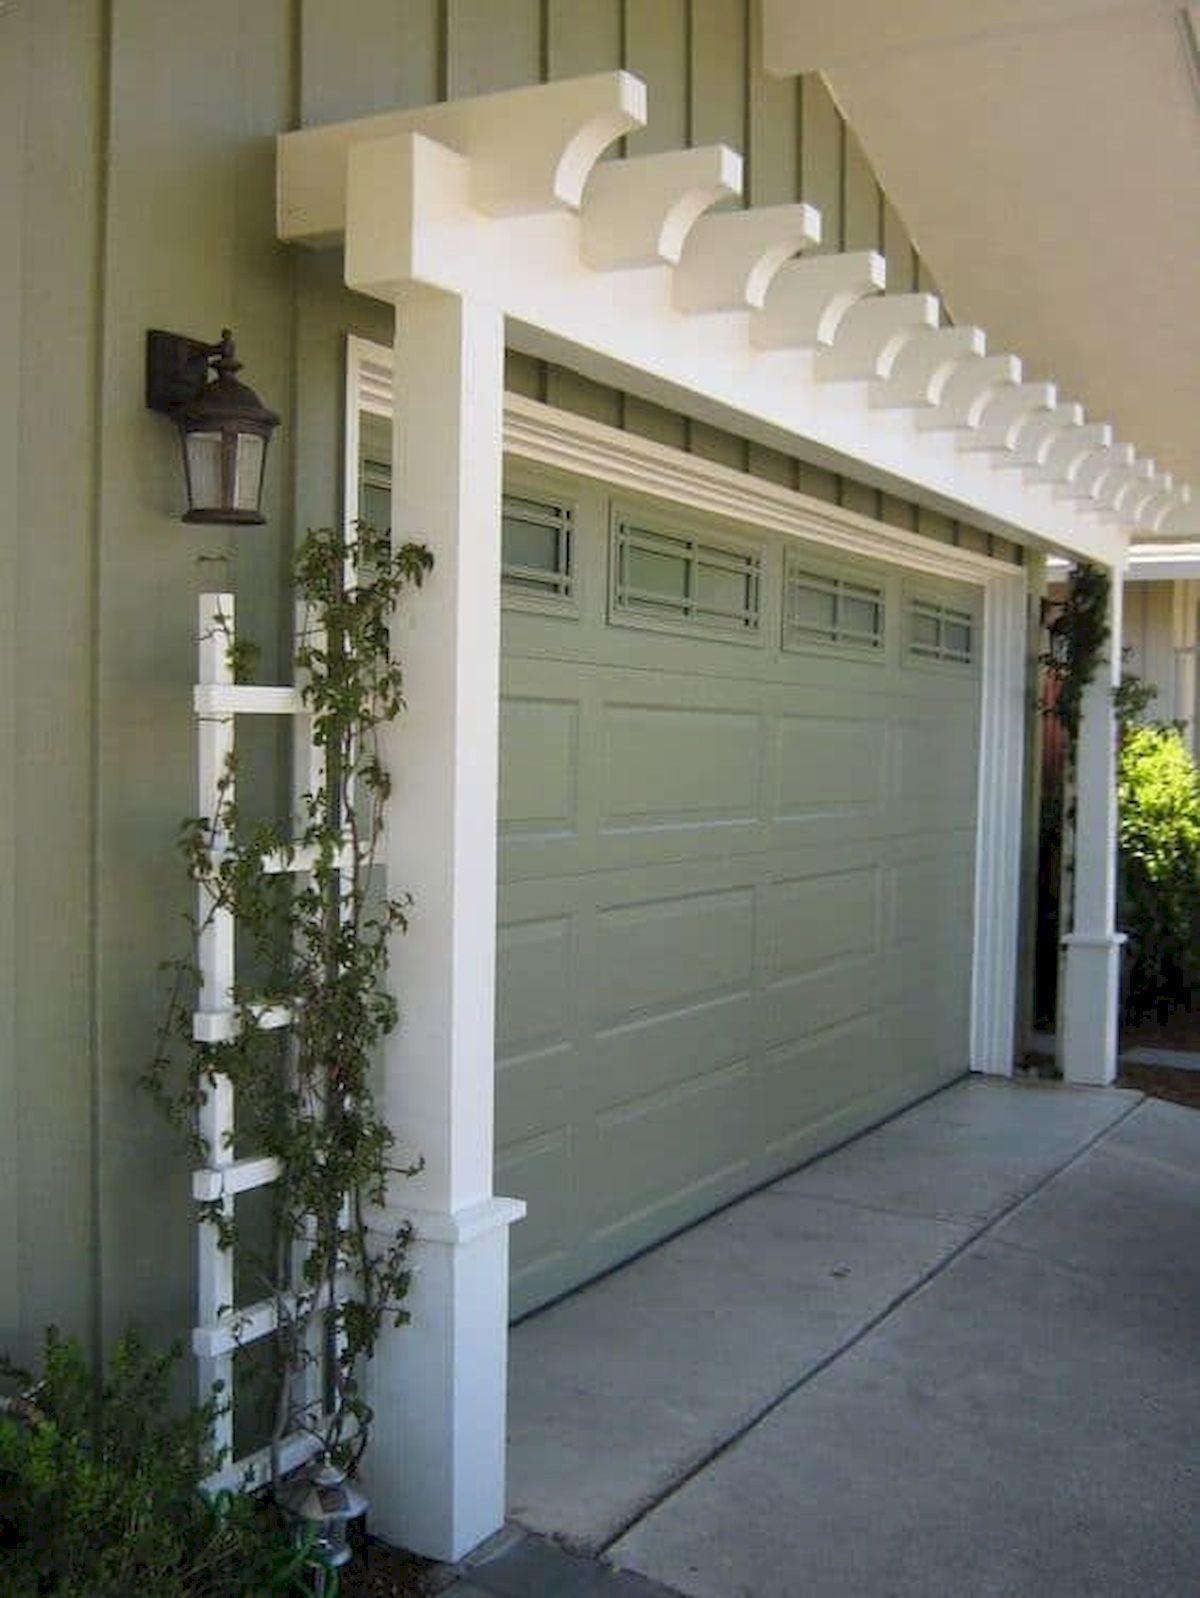 Plastic Garage Door Window Inserts Home Interiors Garage Doors Garage Door Windows Garage Door Window Inserts